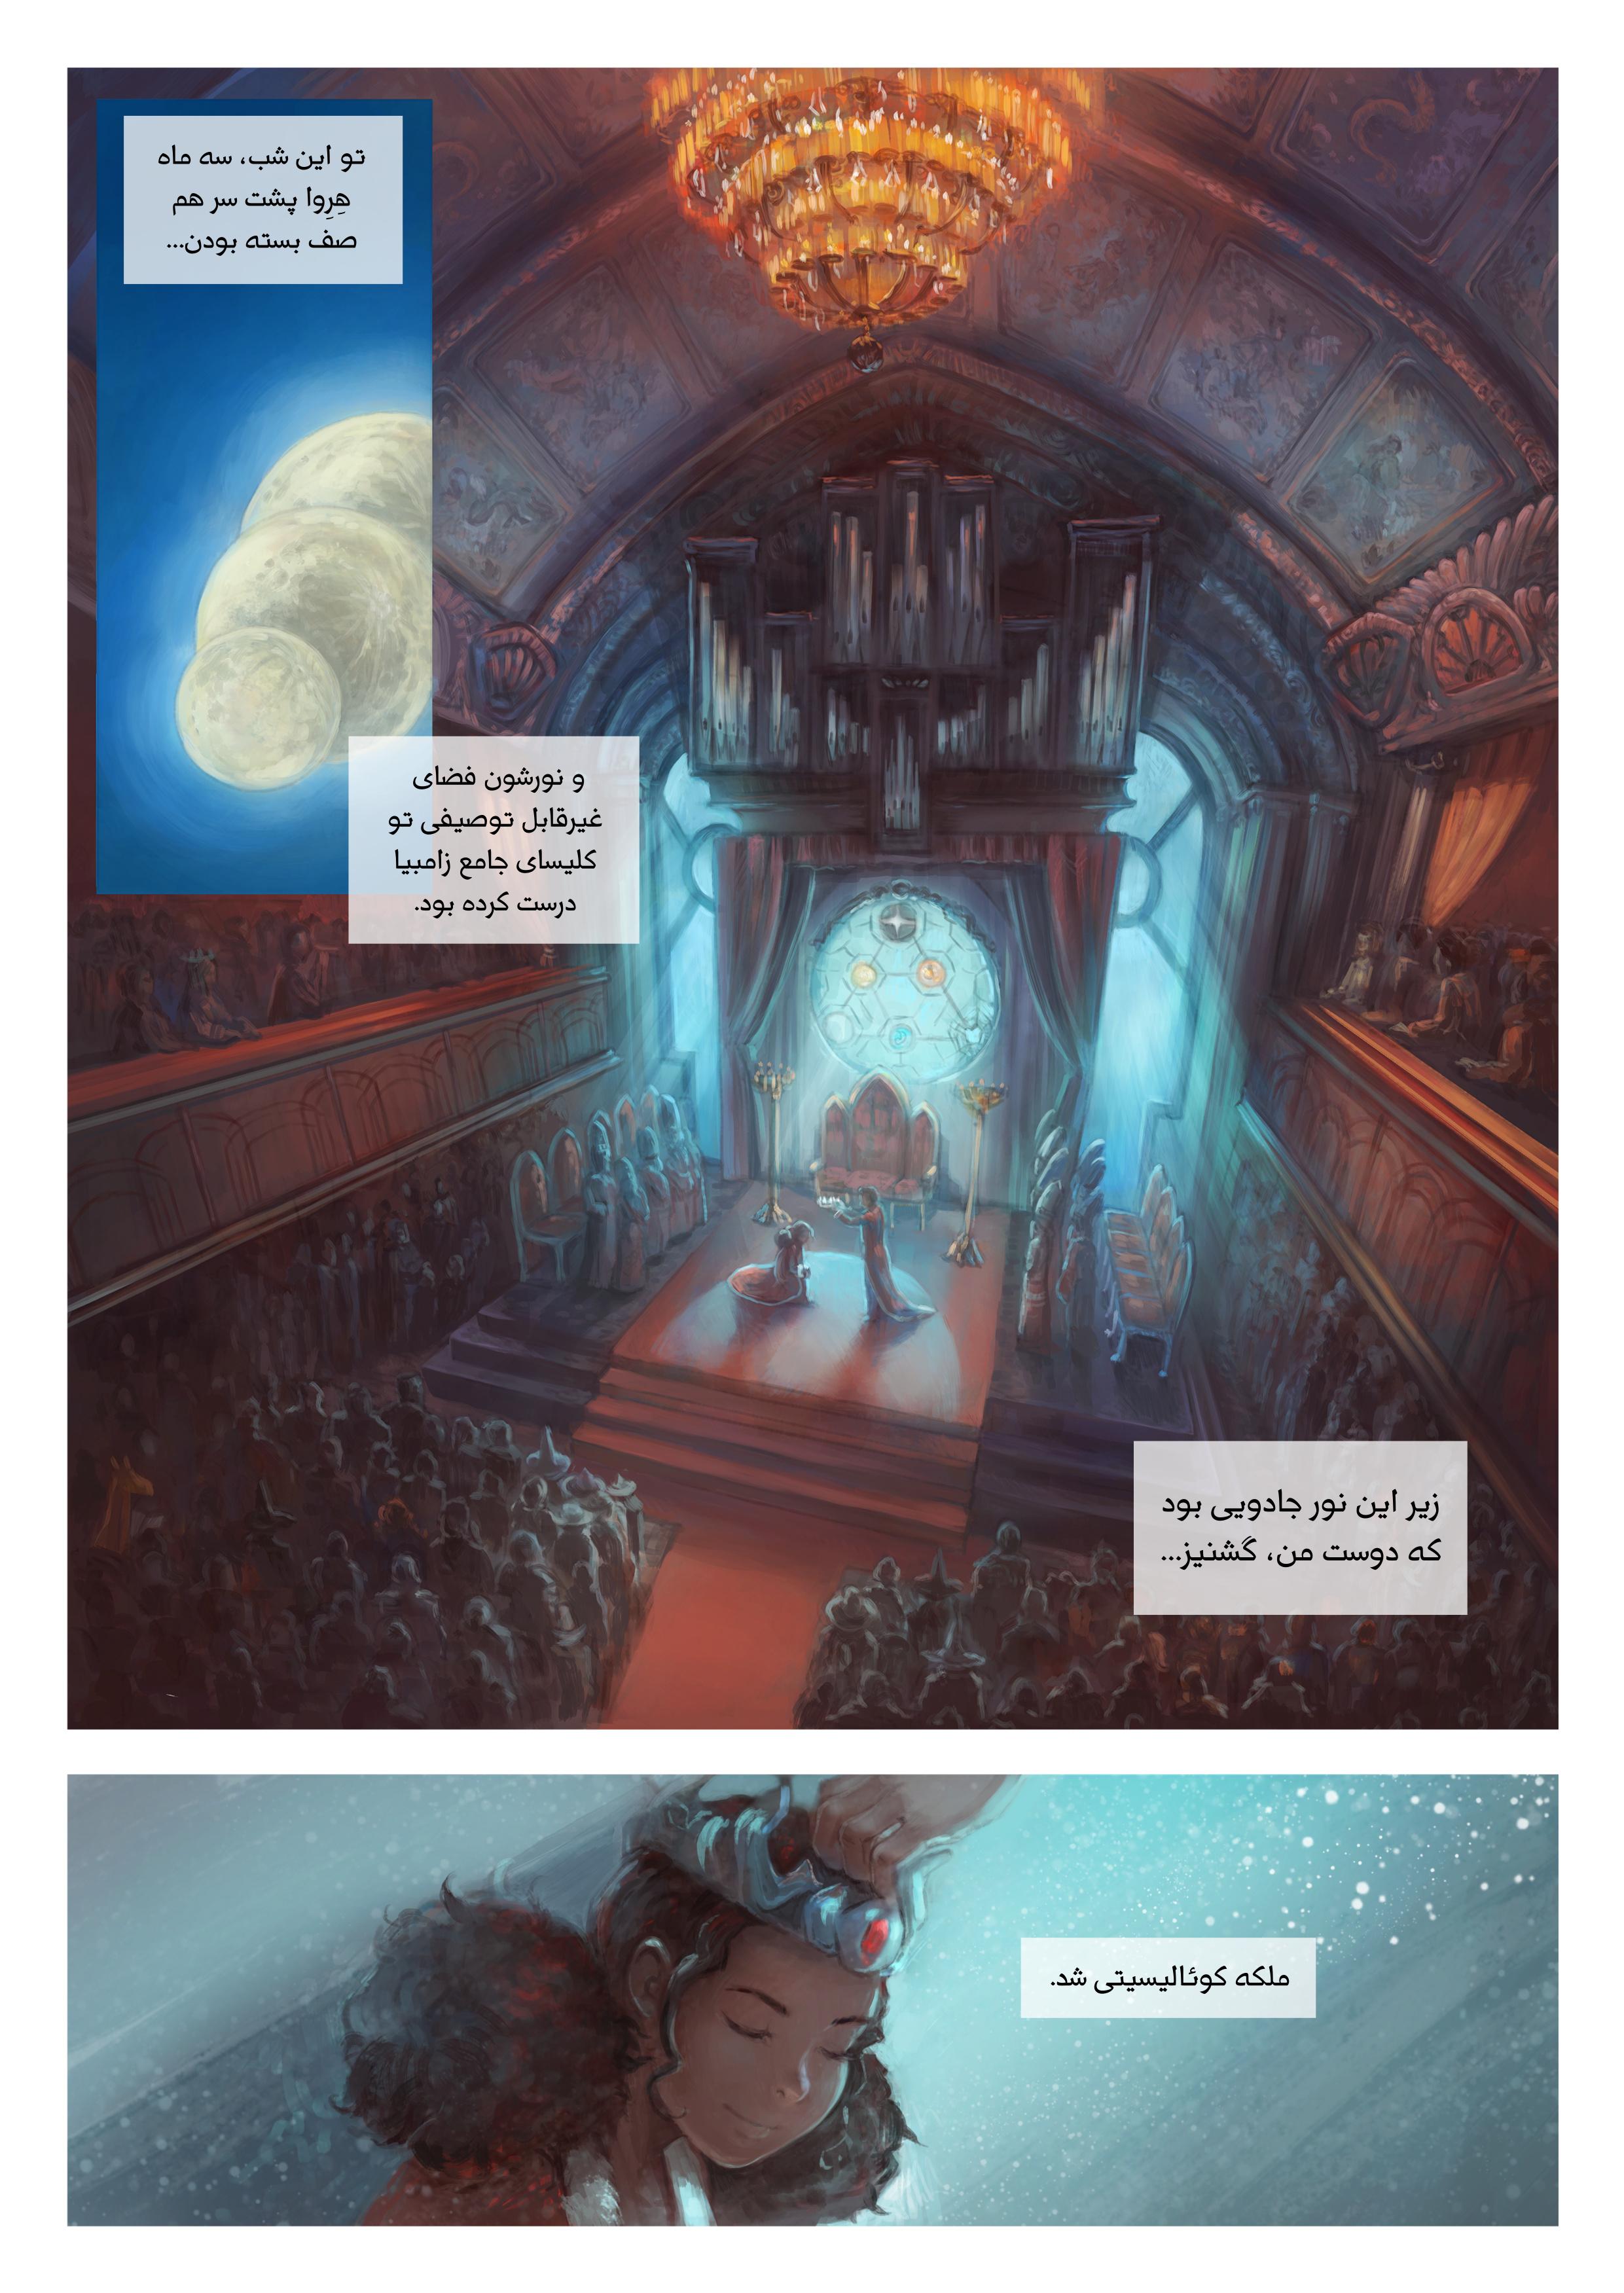 قسمت بیست و هشتم: جشن و سرور, Page 1